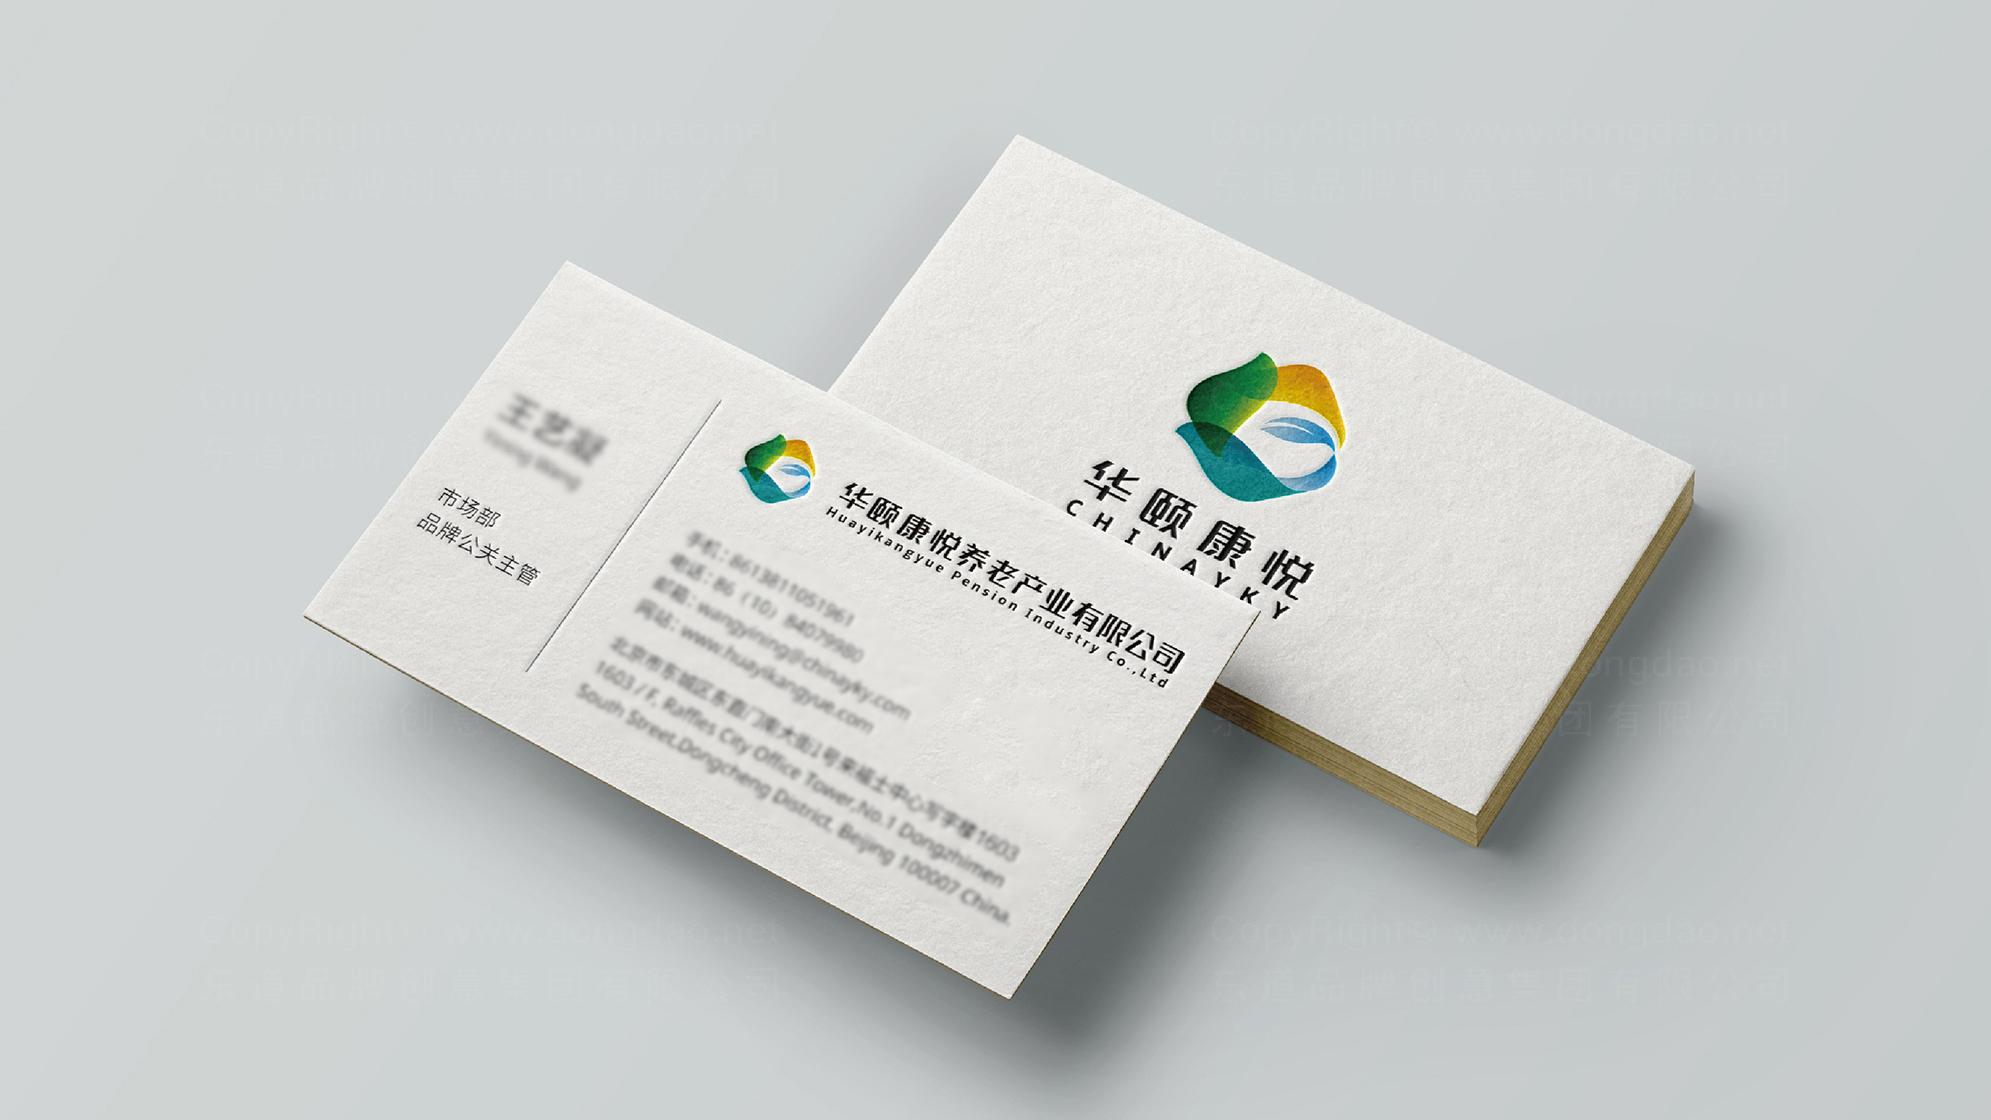 品牌设计华颐康悦标志设计应用场景_1